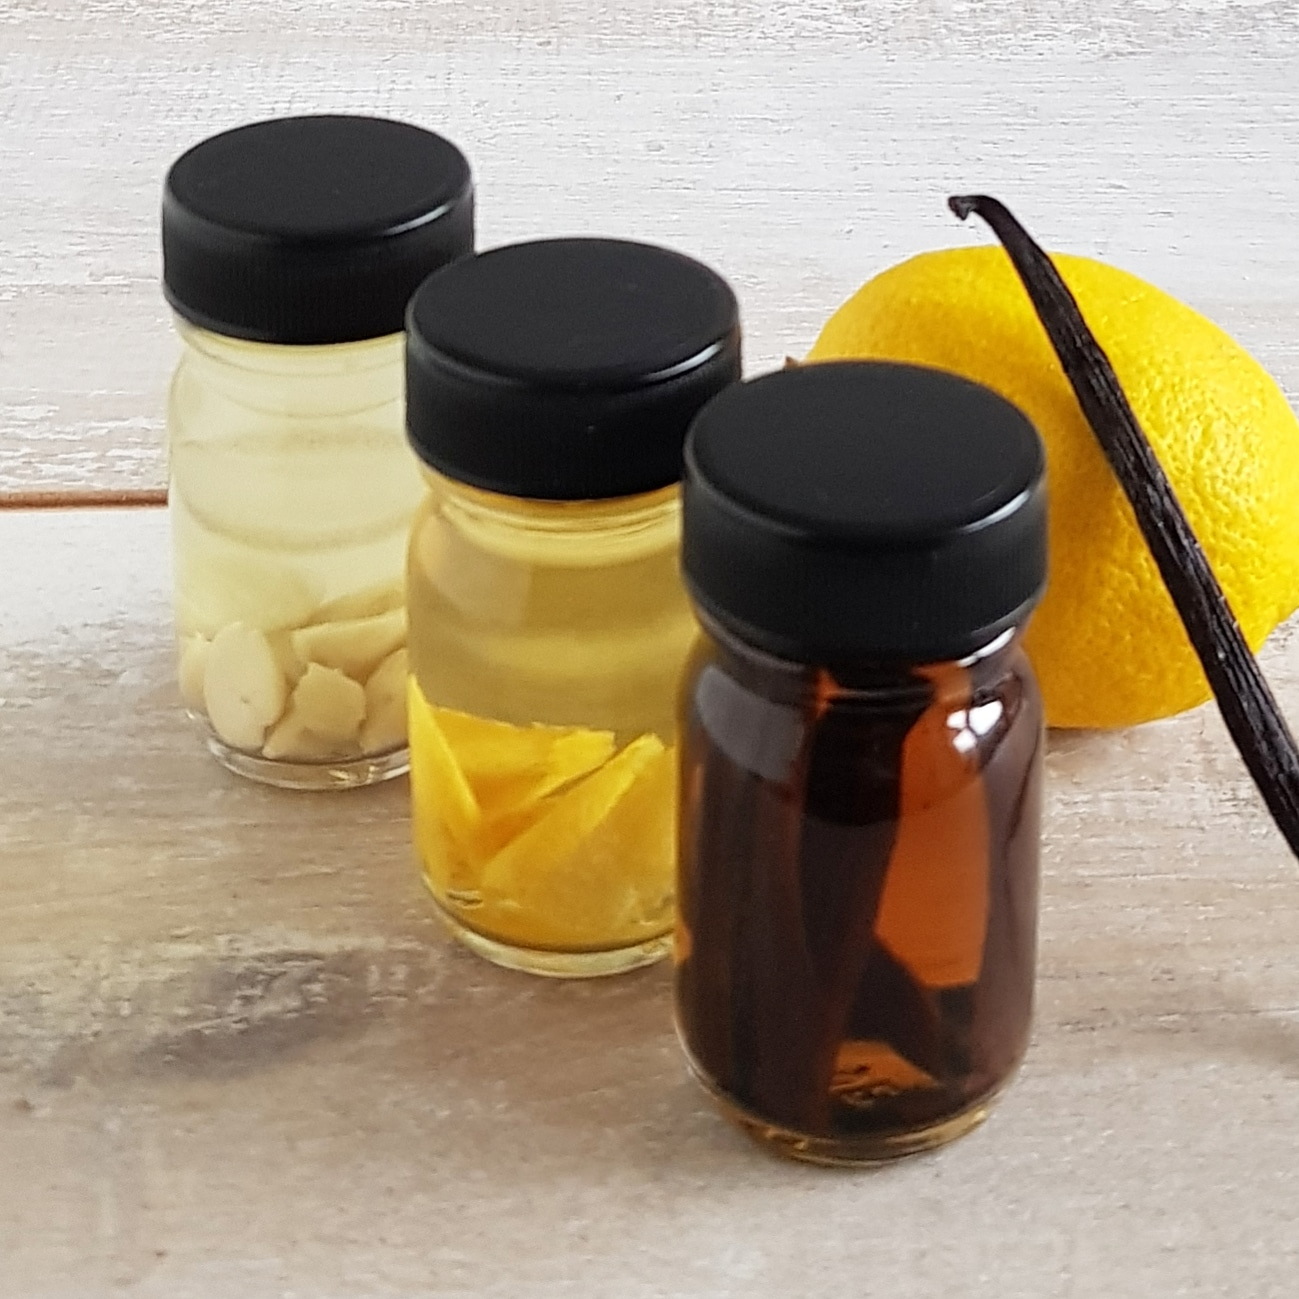 Zelf vanille-extract maken